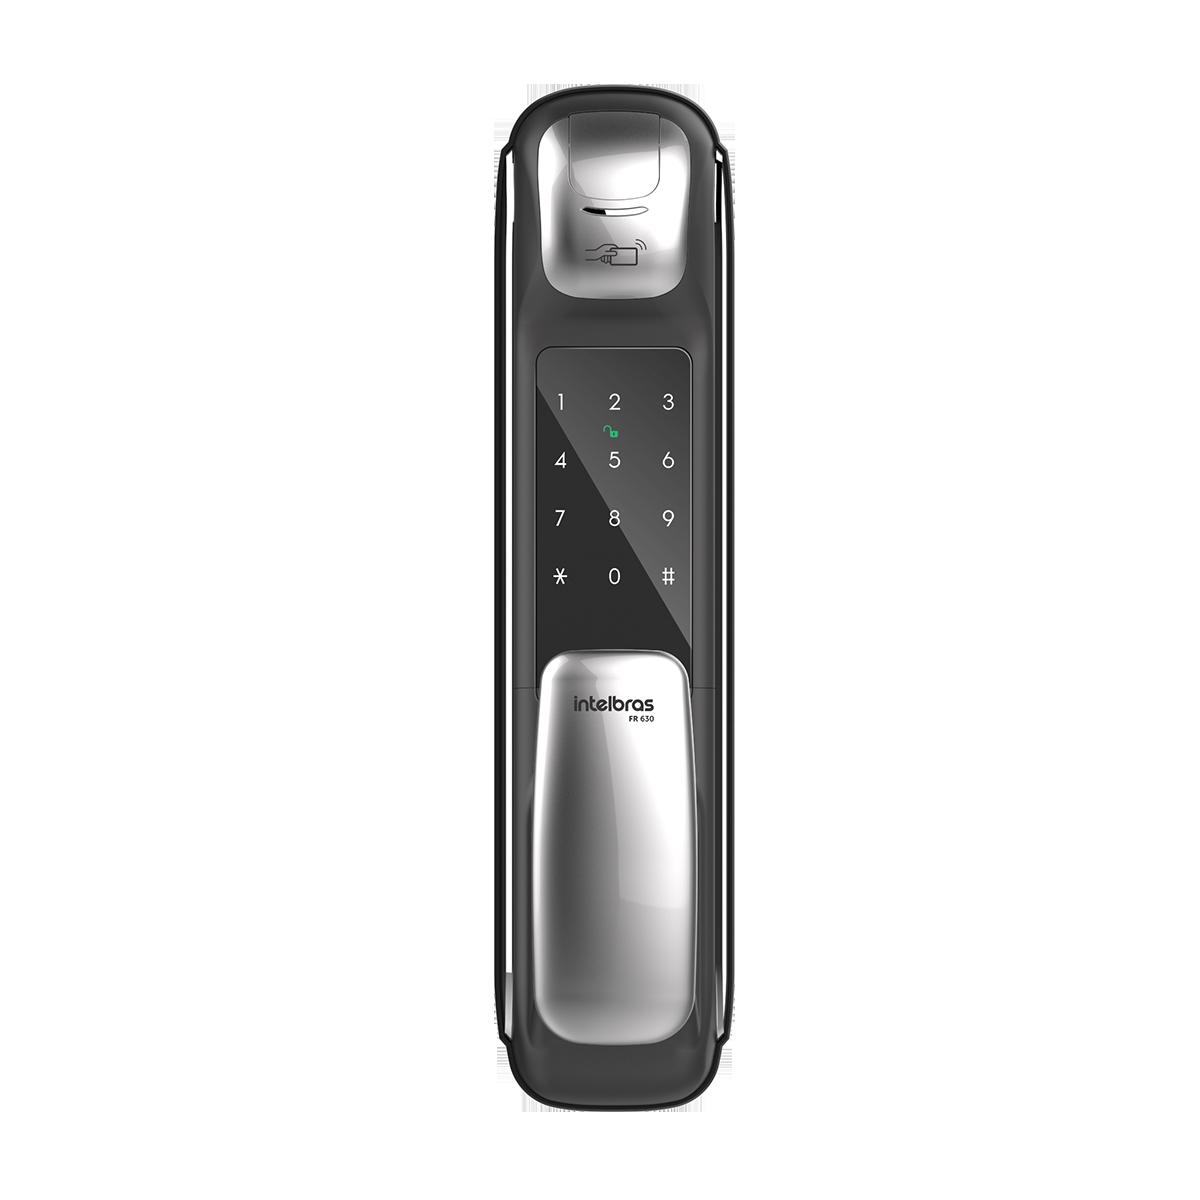 Fechadura Digital Push & Pull com biometria 4 tipos de acessos intelbras FR 630 - JS Soluções em Segurança